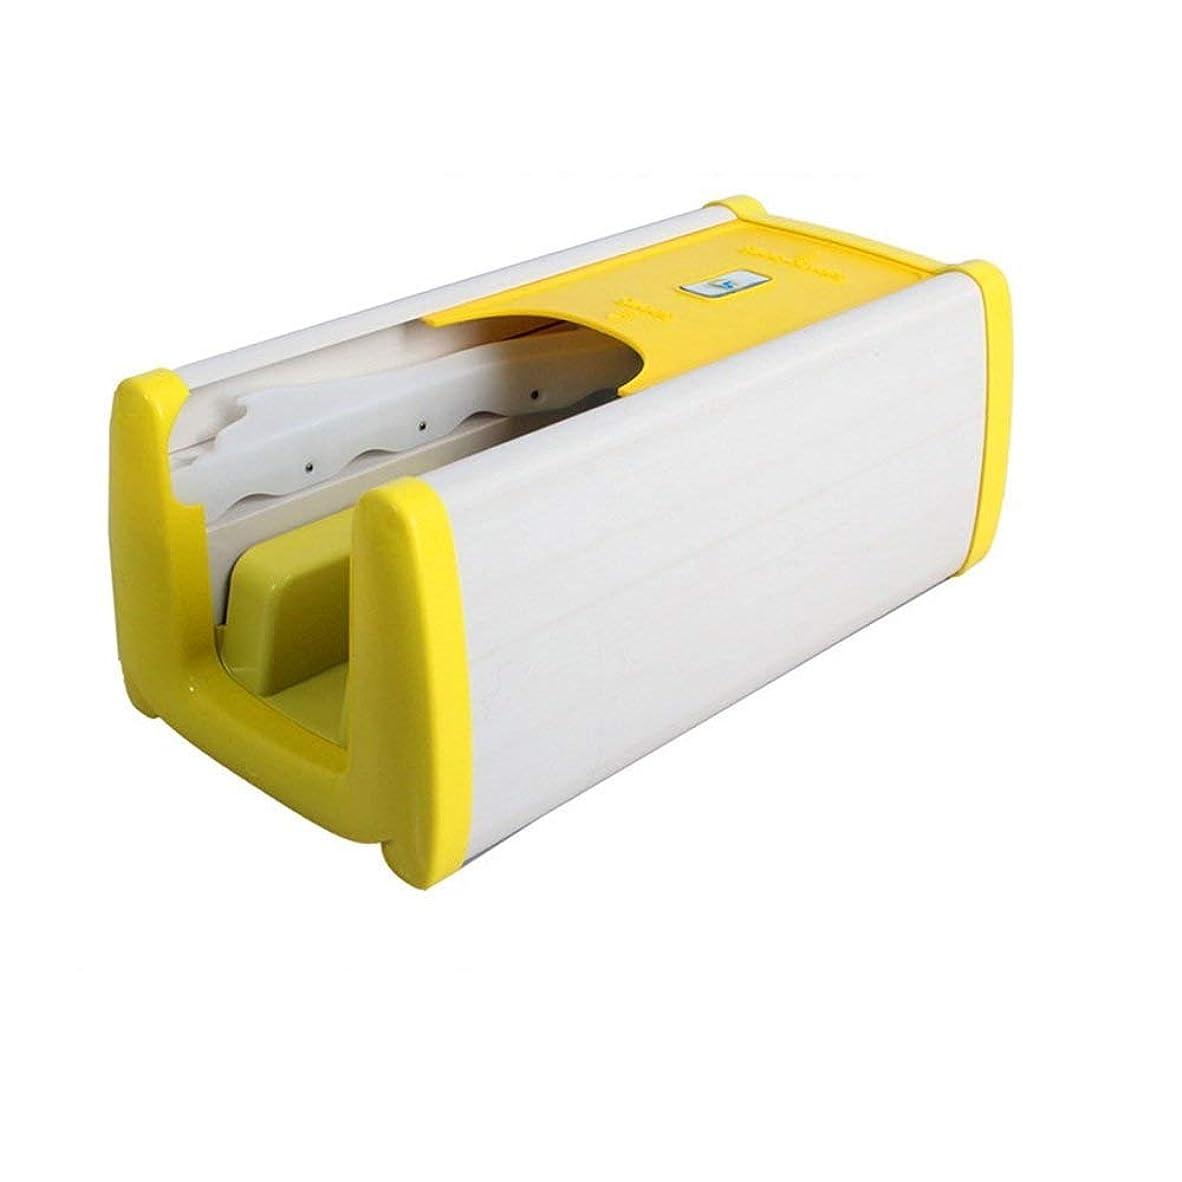 平らなご飯活性化する家庭用靴カバーマシン連続自動靴カバーマシンドラッグ型オーバーシューズマシンホームオフィス自己使用の小さな環境保護 (Color : Yellow)